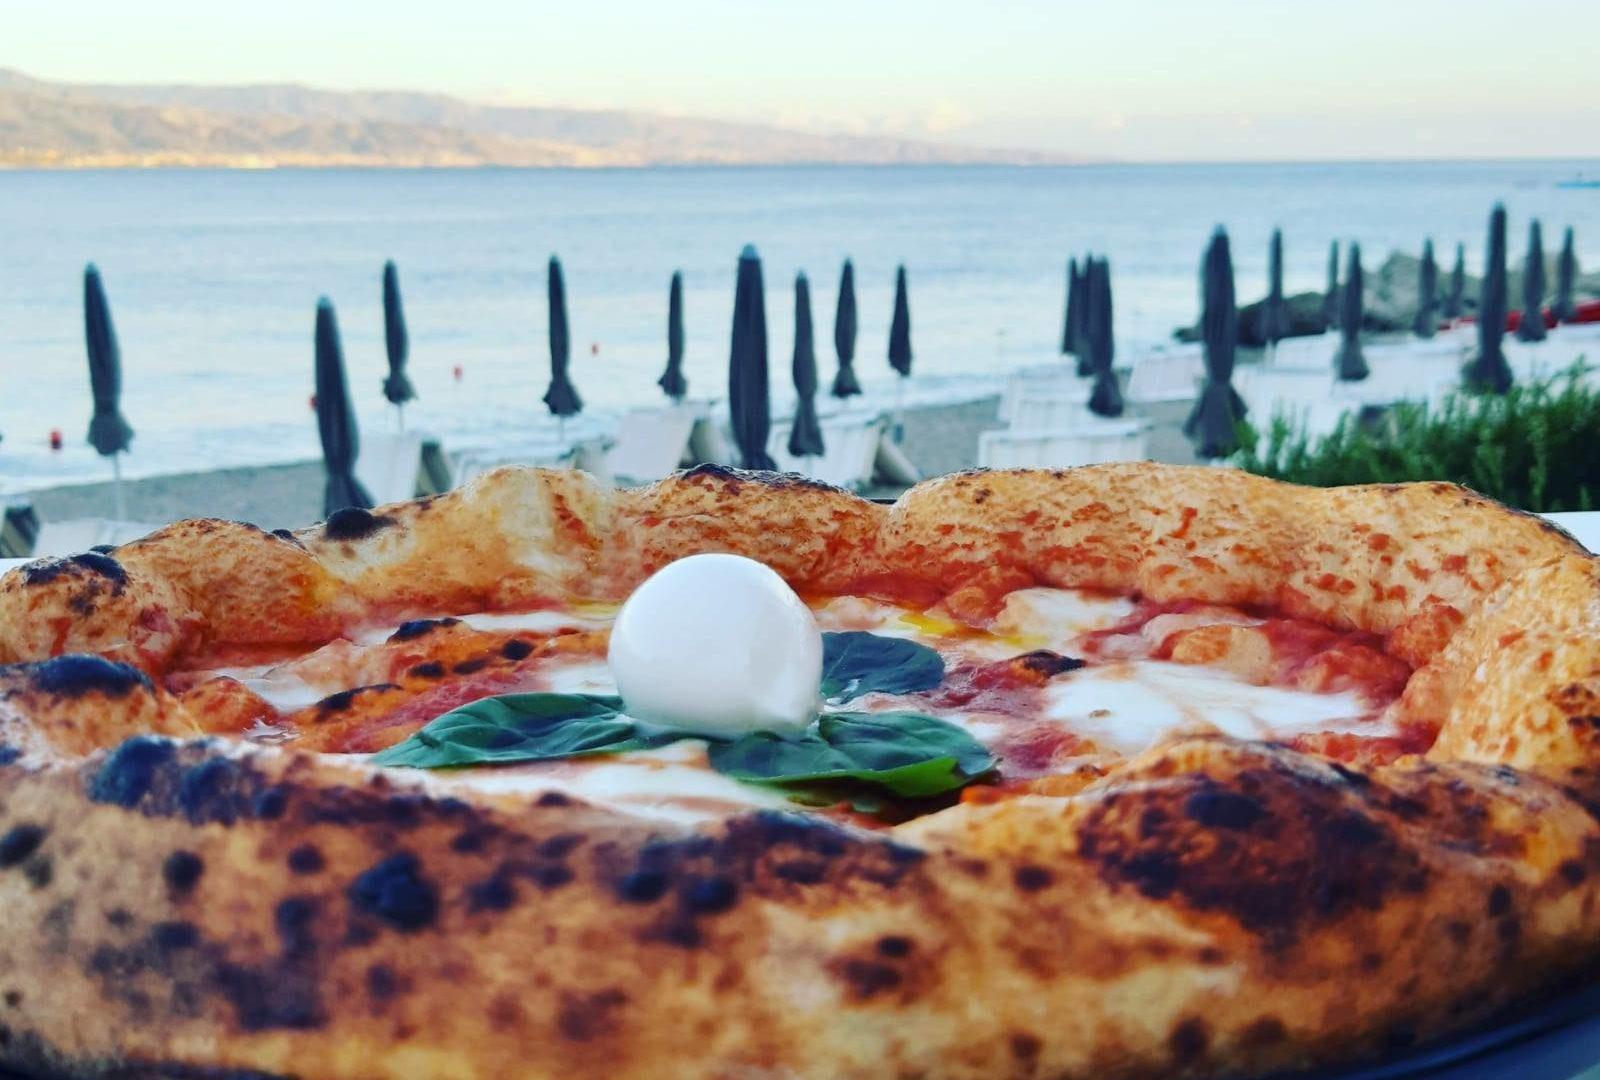 pizza_napoletana_anzio_elianto_appartamenti_fronte_mare